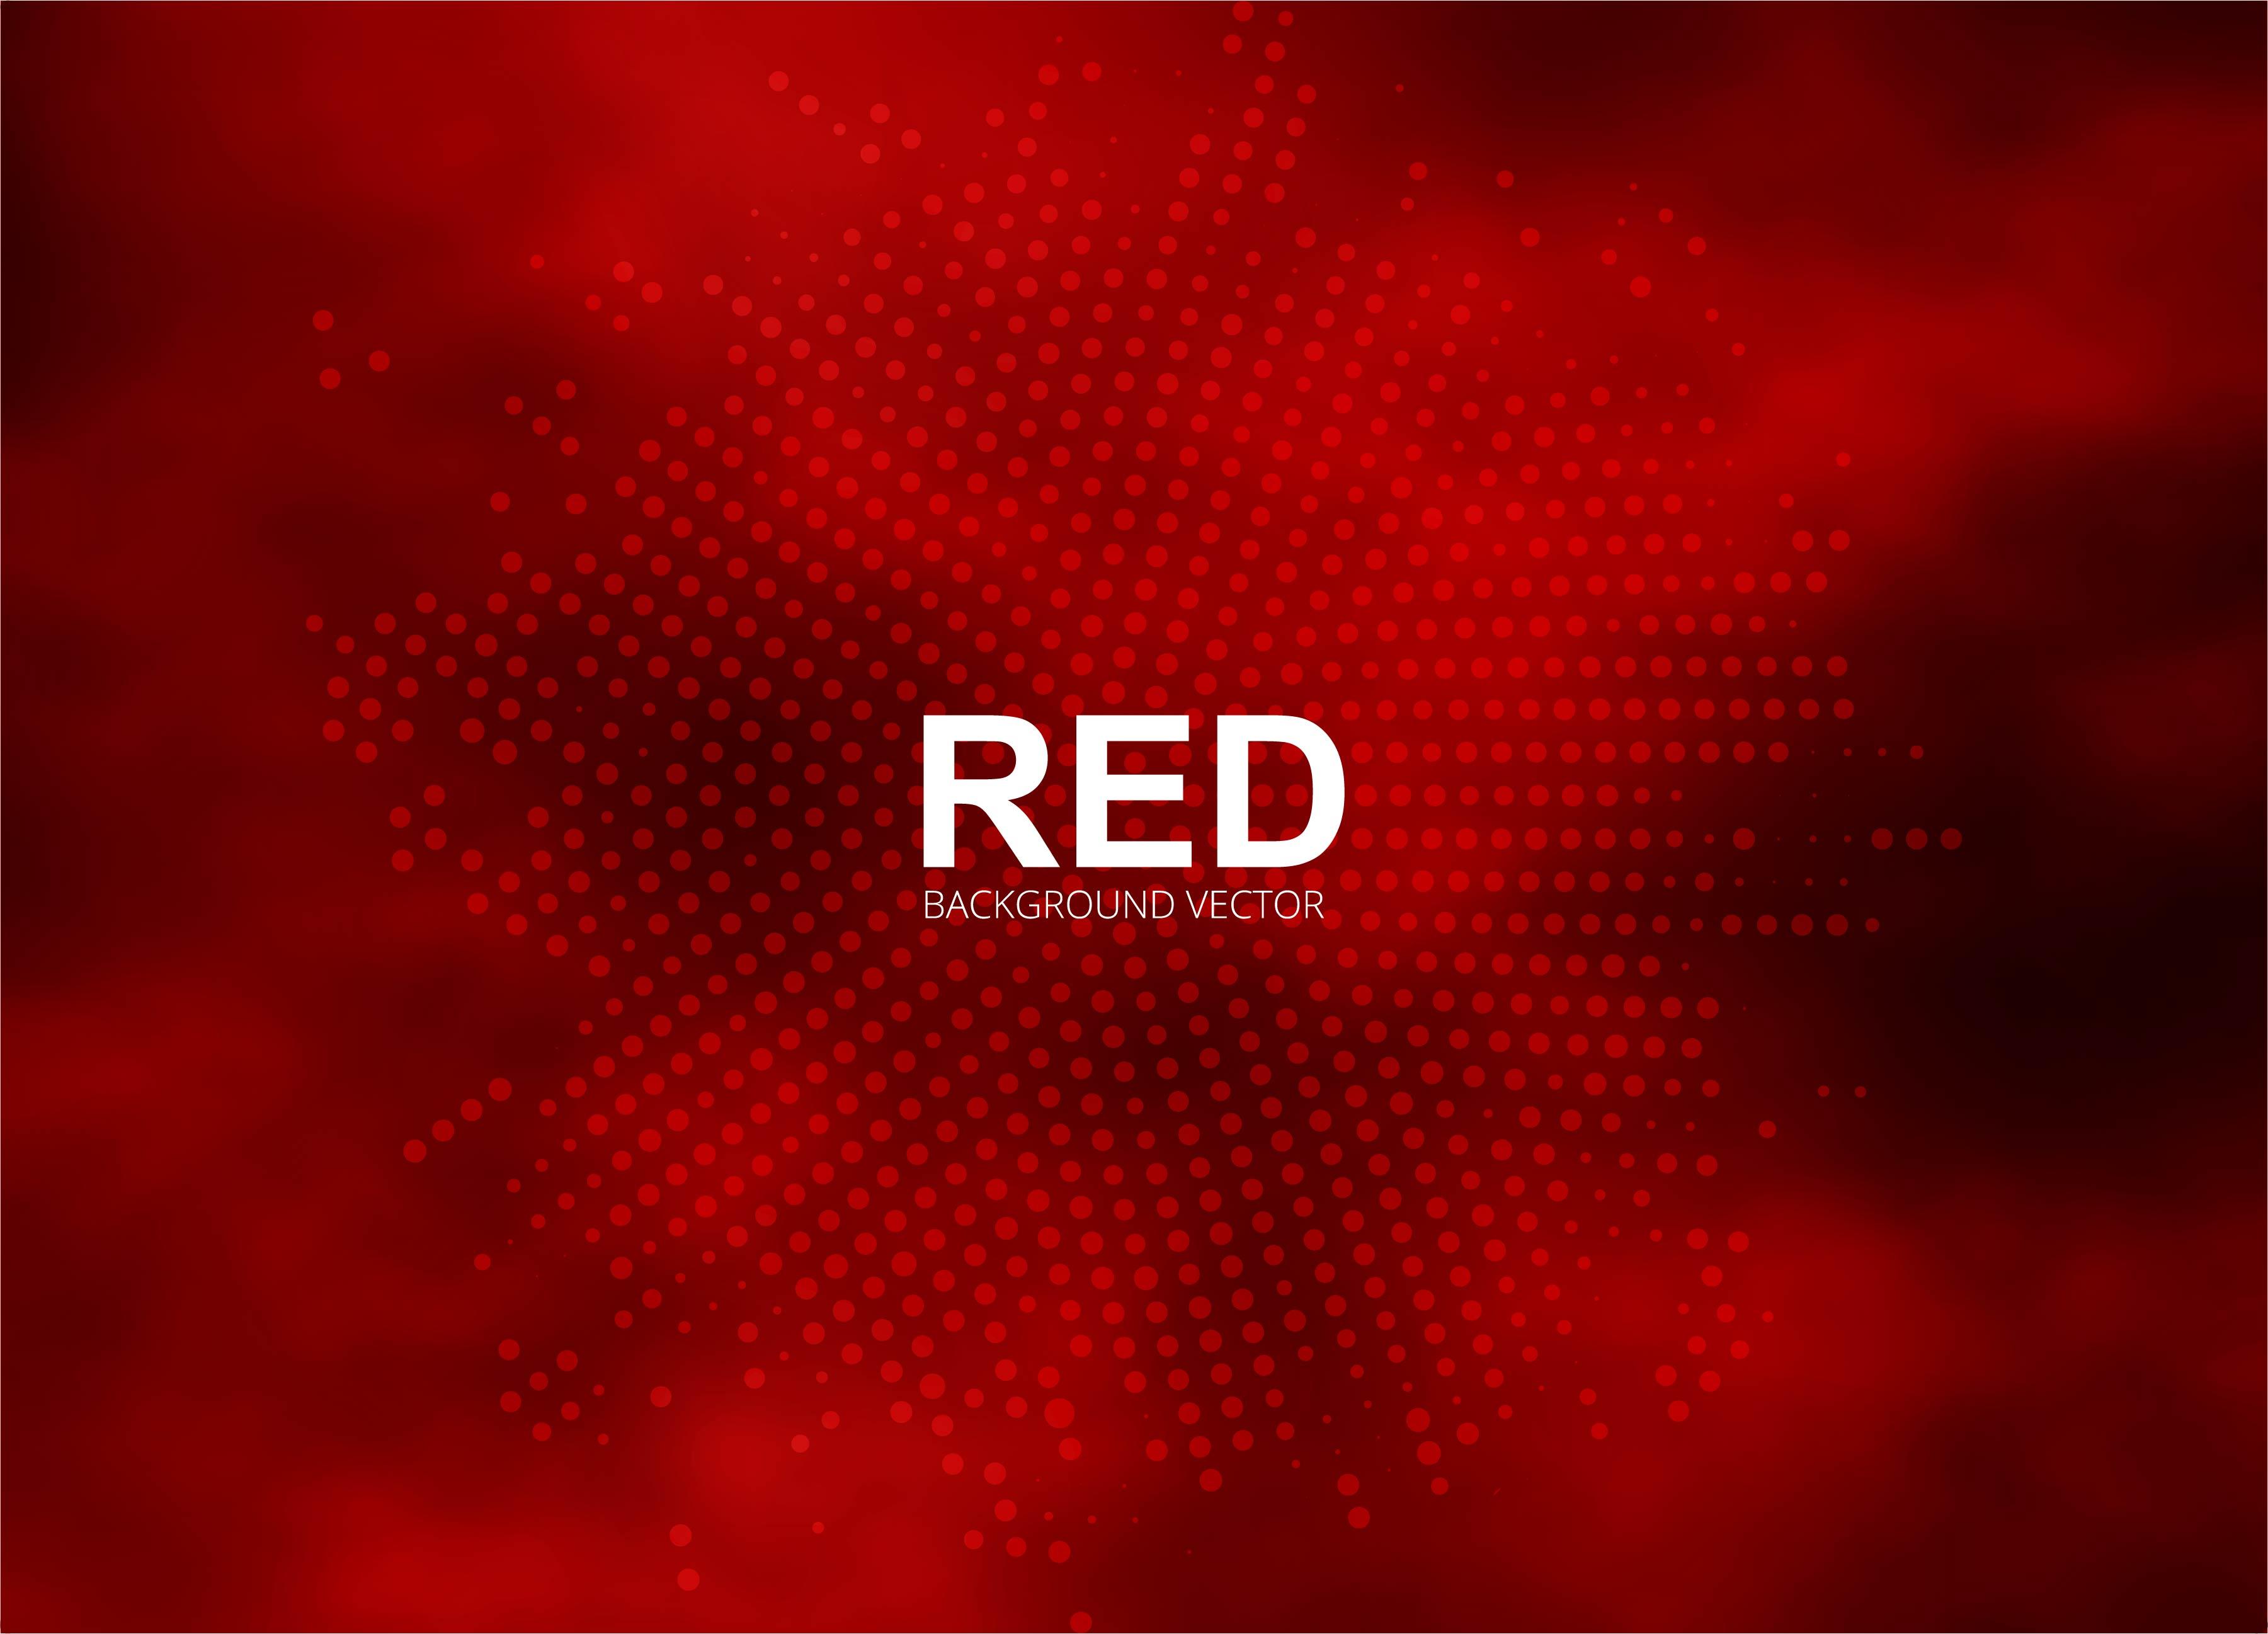 紅色背景 免費下載   天天瘋後製